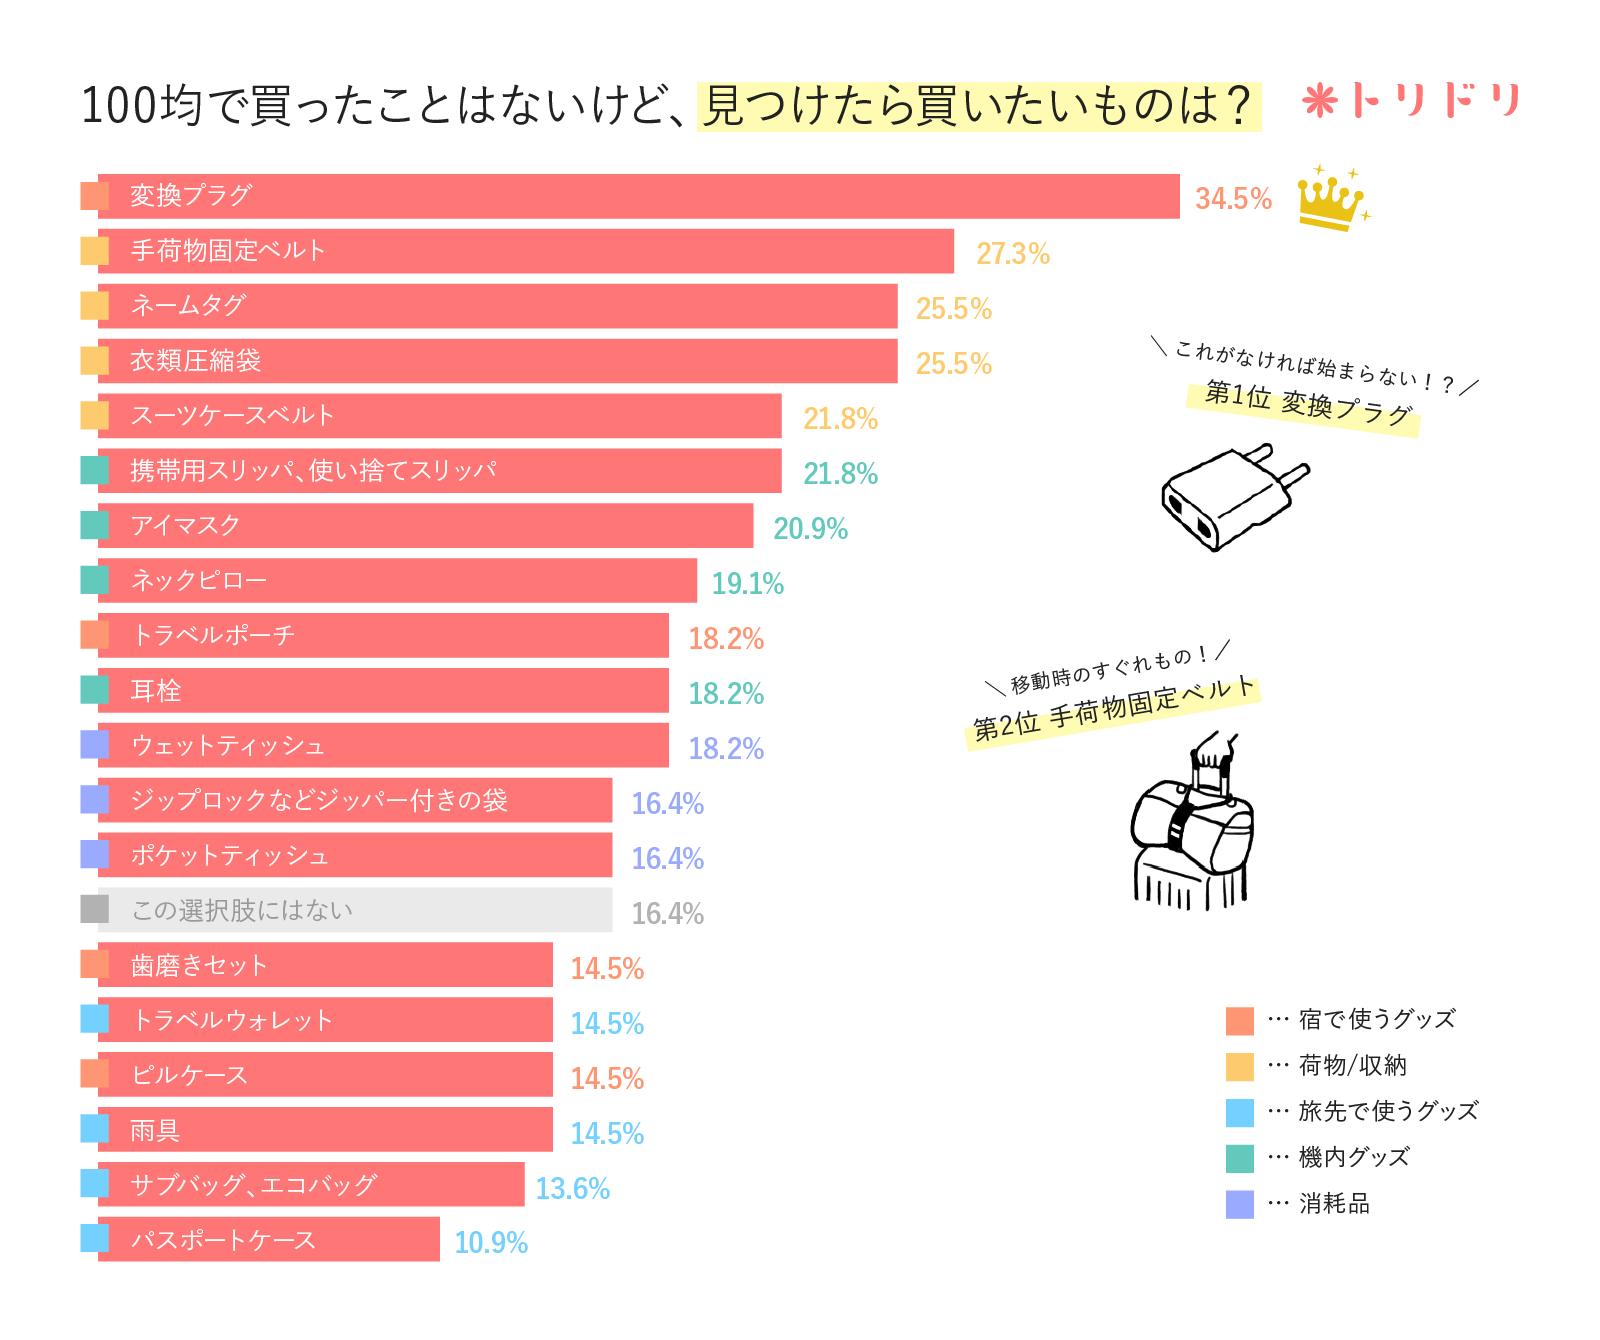 アンケート結果のグラフ:海外旅行の準備で100円ショップで買ったことはないけど、見つけたら使いたいものはありますか?